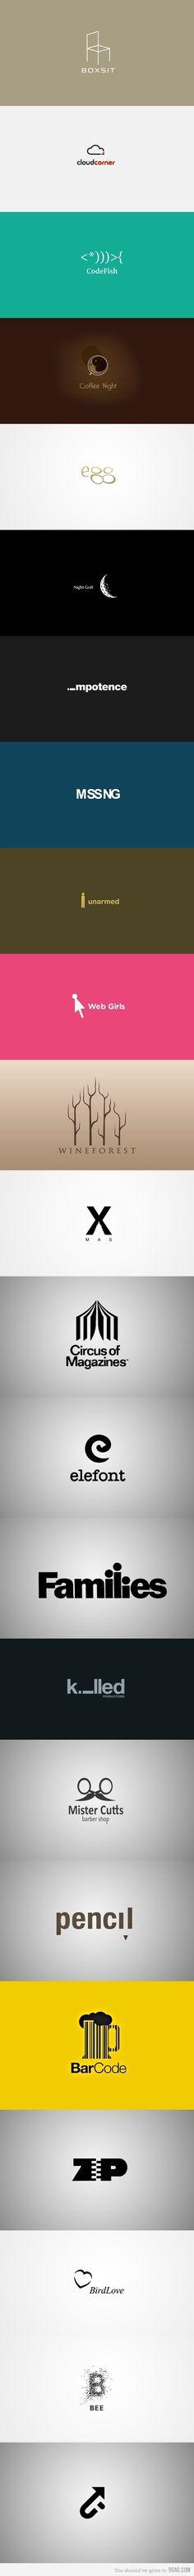 Literal logos